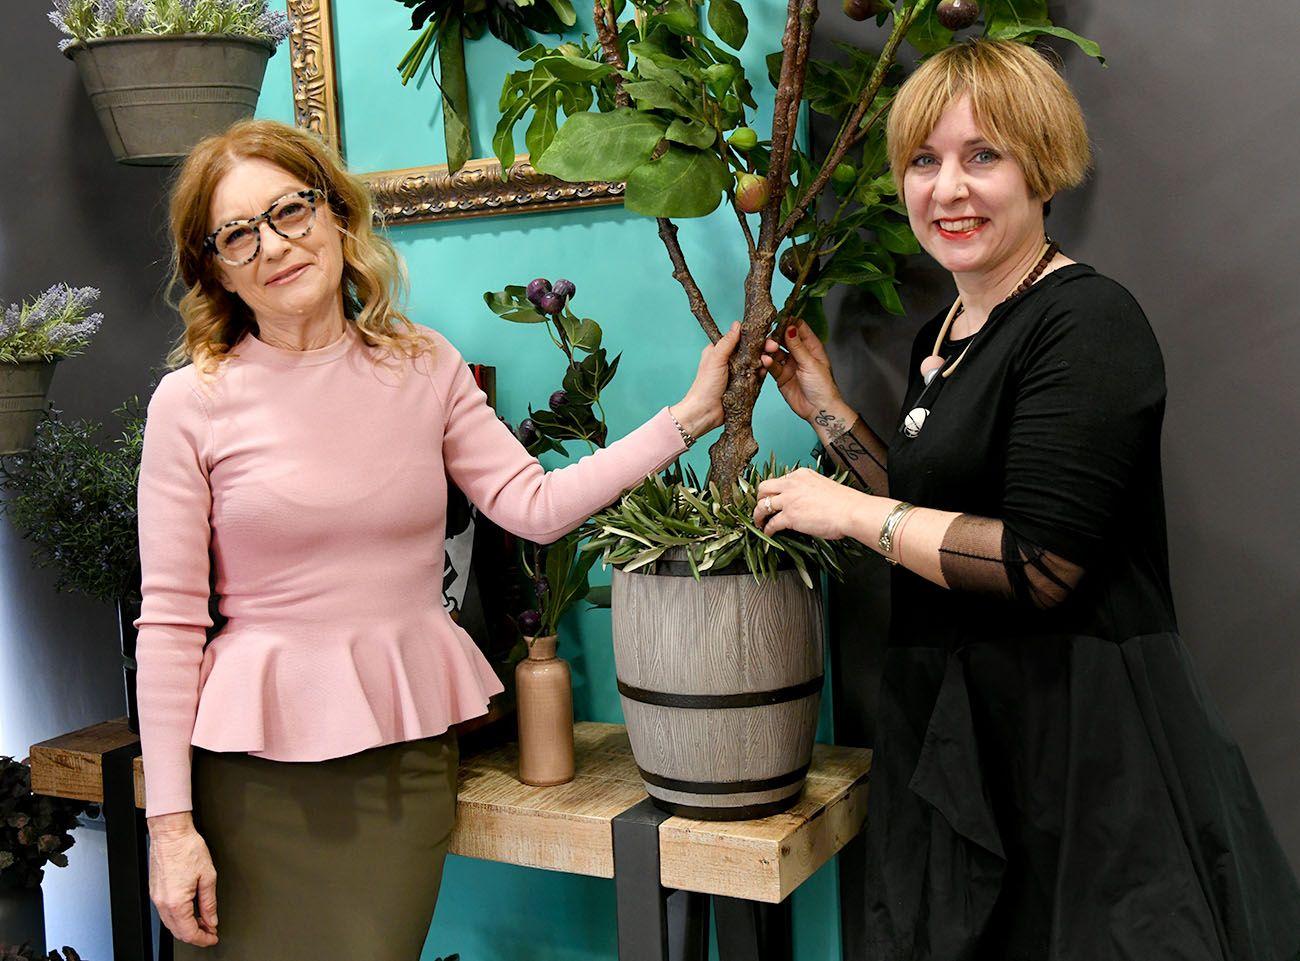 Nevjerojatna priča Zagorke i Christine: Ljubav prema cvijeću i slasticama pretvorile u zajednički posao